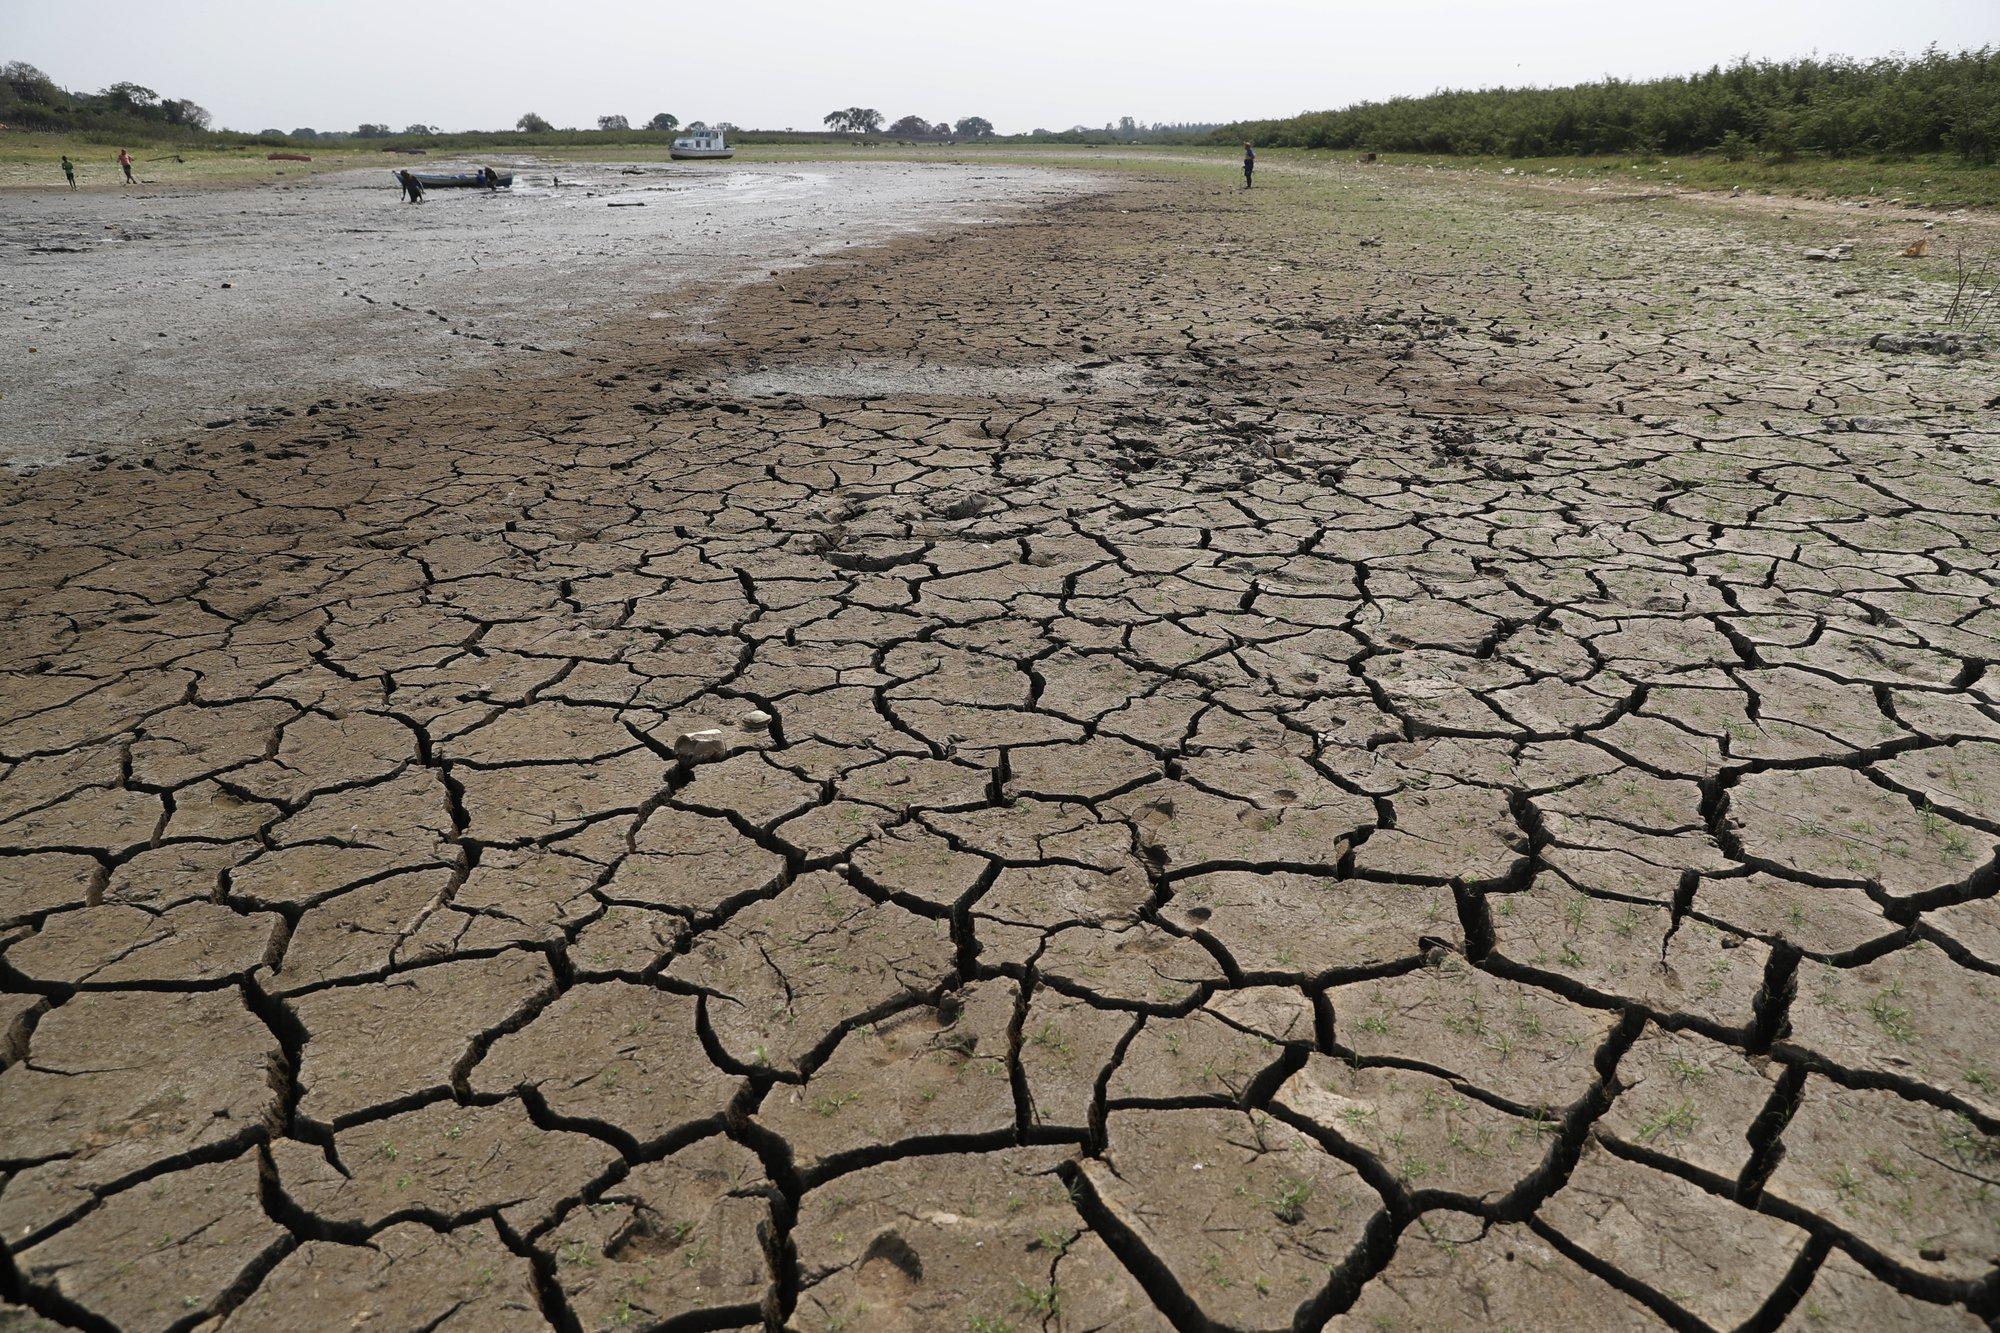 Sequía extrema esta llevando al río Paraguay a su nivel más bajo en 50 años  - Alerta Geo